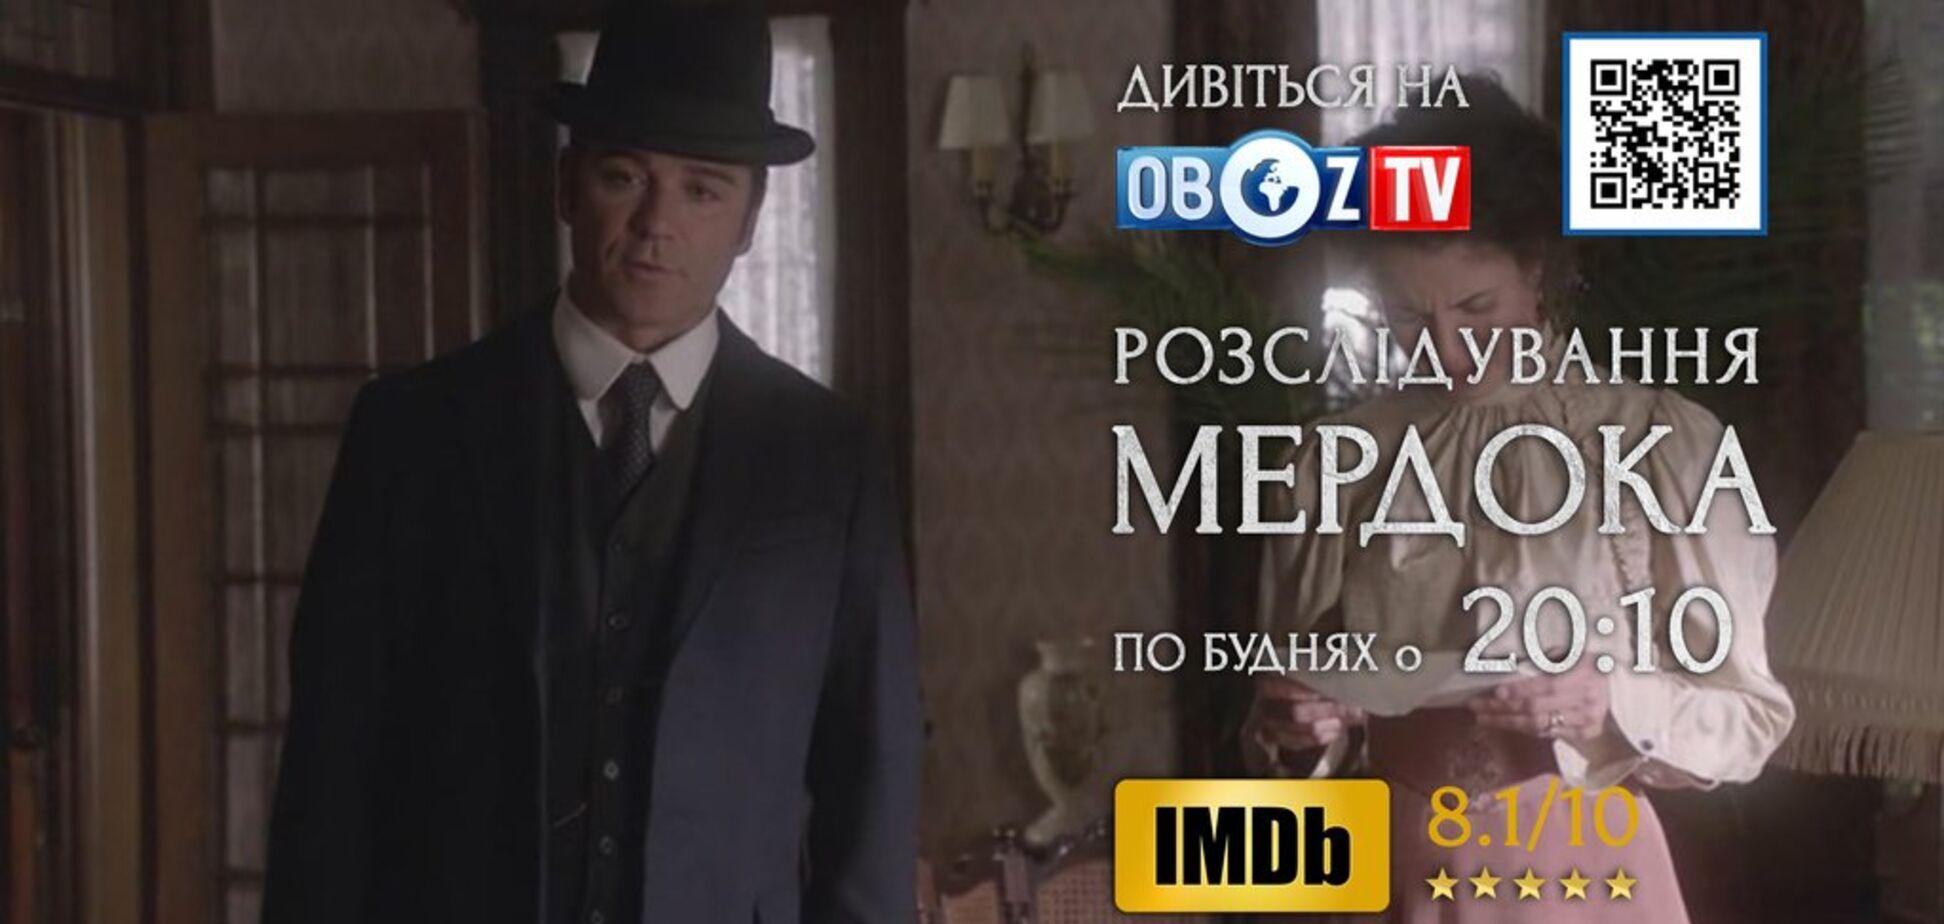 Дивіться на ObozTV серіал 'Розслідування Мердока' – серія 'Расові забобони'